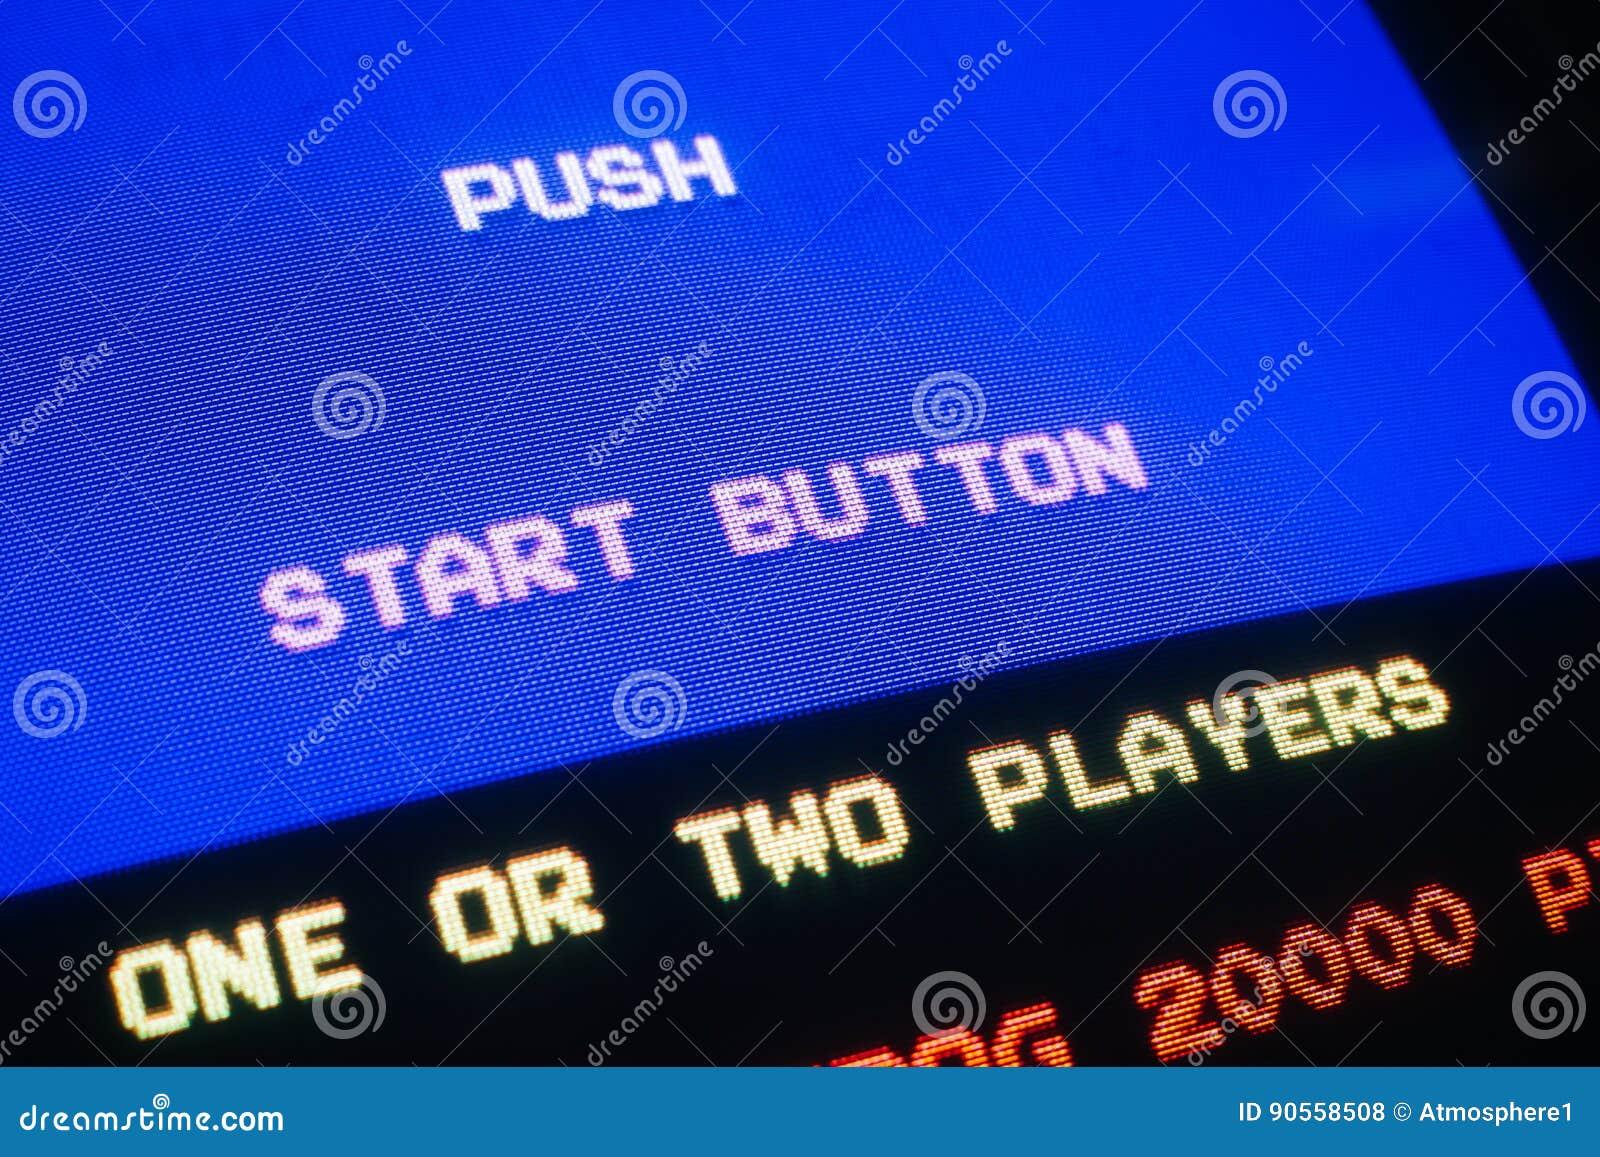 Μακροεντολή λεπτομέρειας ενός παλαιού εκλεκτής ποιότητας τηλεοπτικού παιχνιδιού με το κουμπί έναρξης ώθησης κειμένων